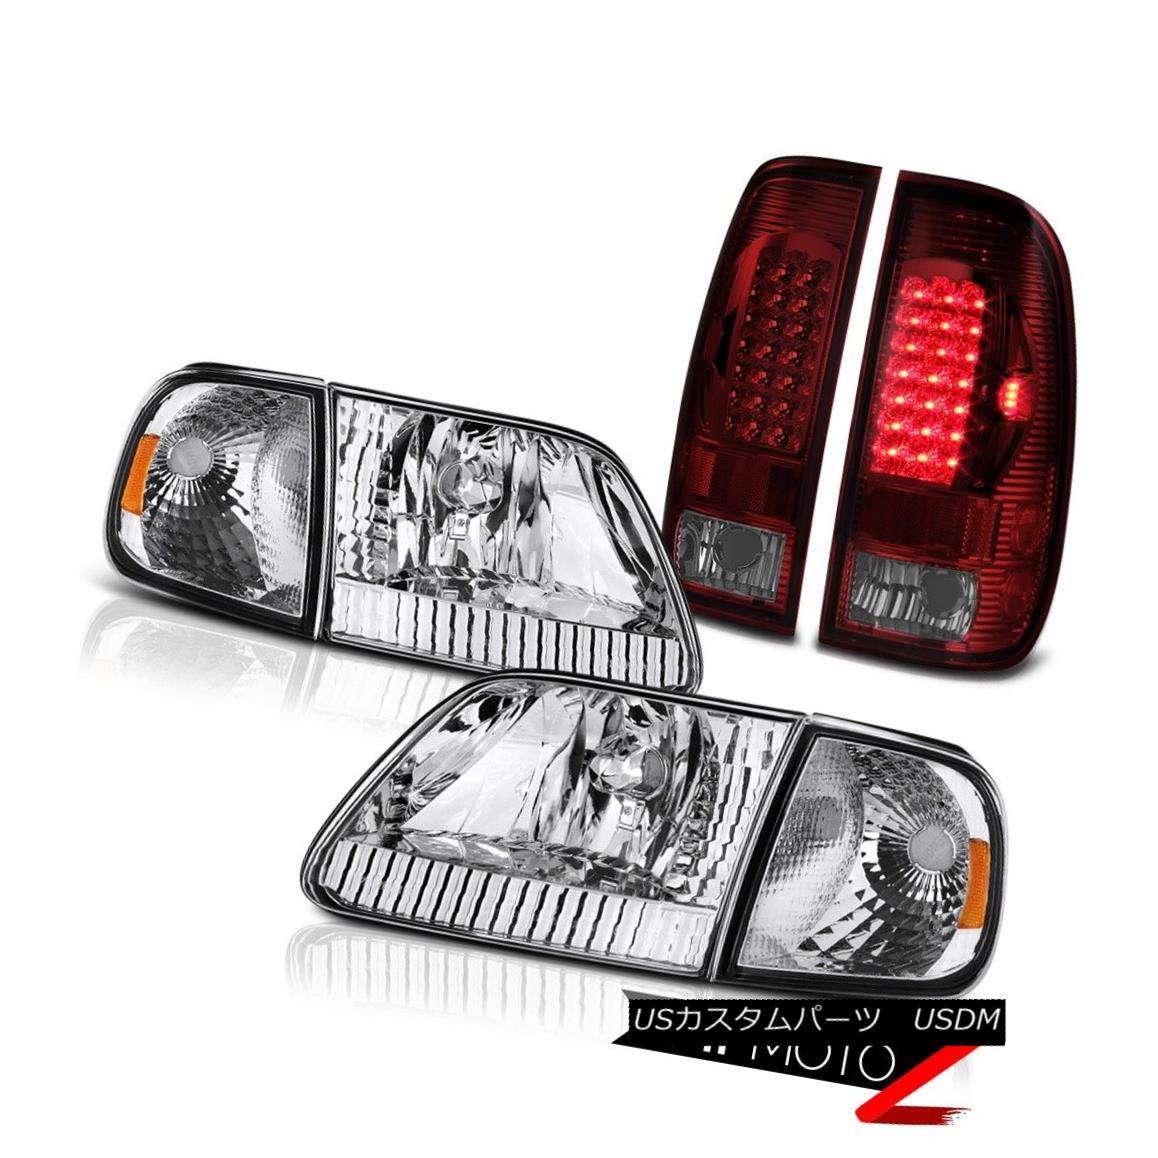 テールライト 97 98 99 00 01 02 03 F150 XLT Clear Signal Headlights Red Smoke LED Tail Lights 97 98 99 00 01 02 03 F150 XLTクリア信号ヘッドライト赤色スモークLEDテールライト